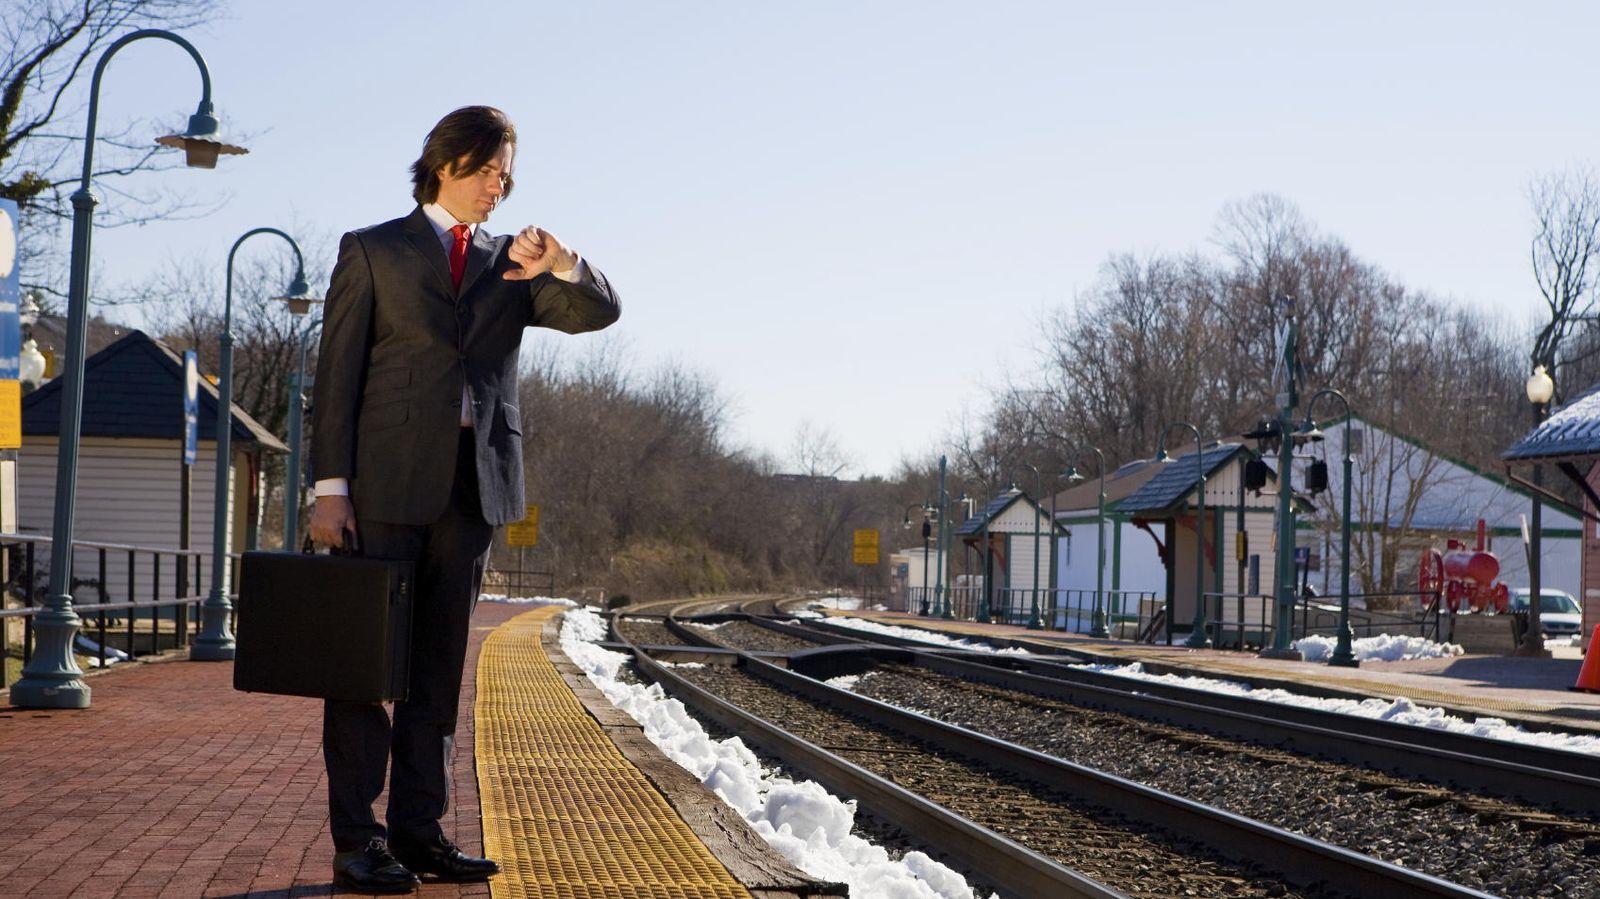 Foto: 'Bueno, si llego una hora tarde siempre puedo decir que ha sido culpa del tren'. (iStock)